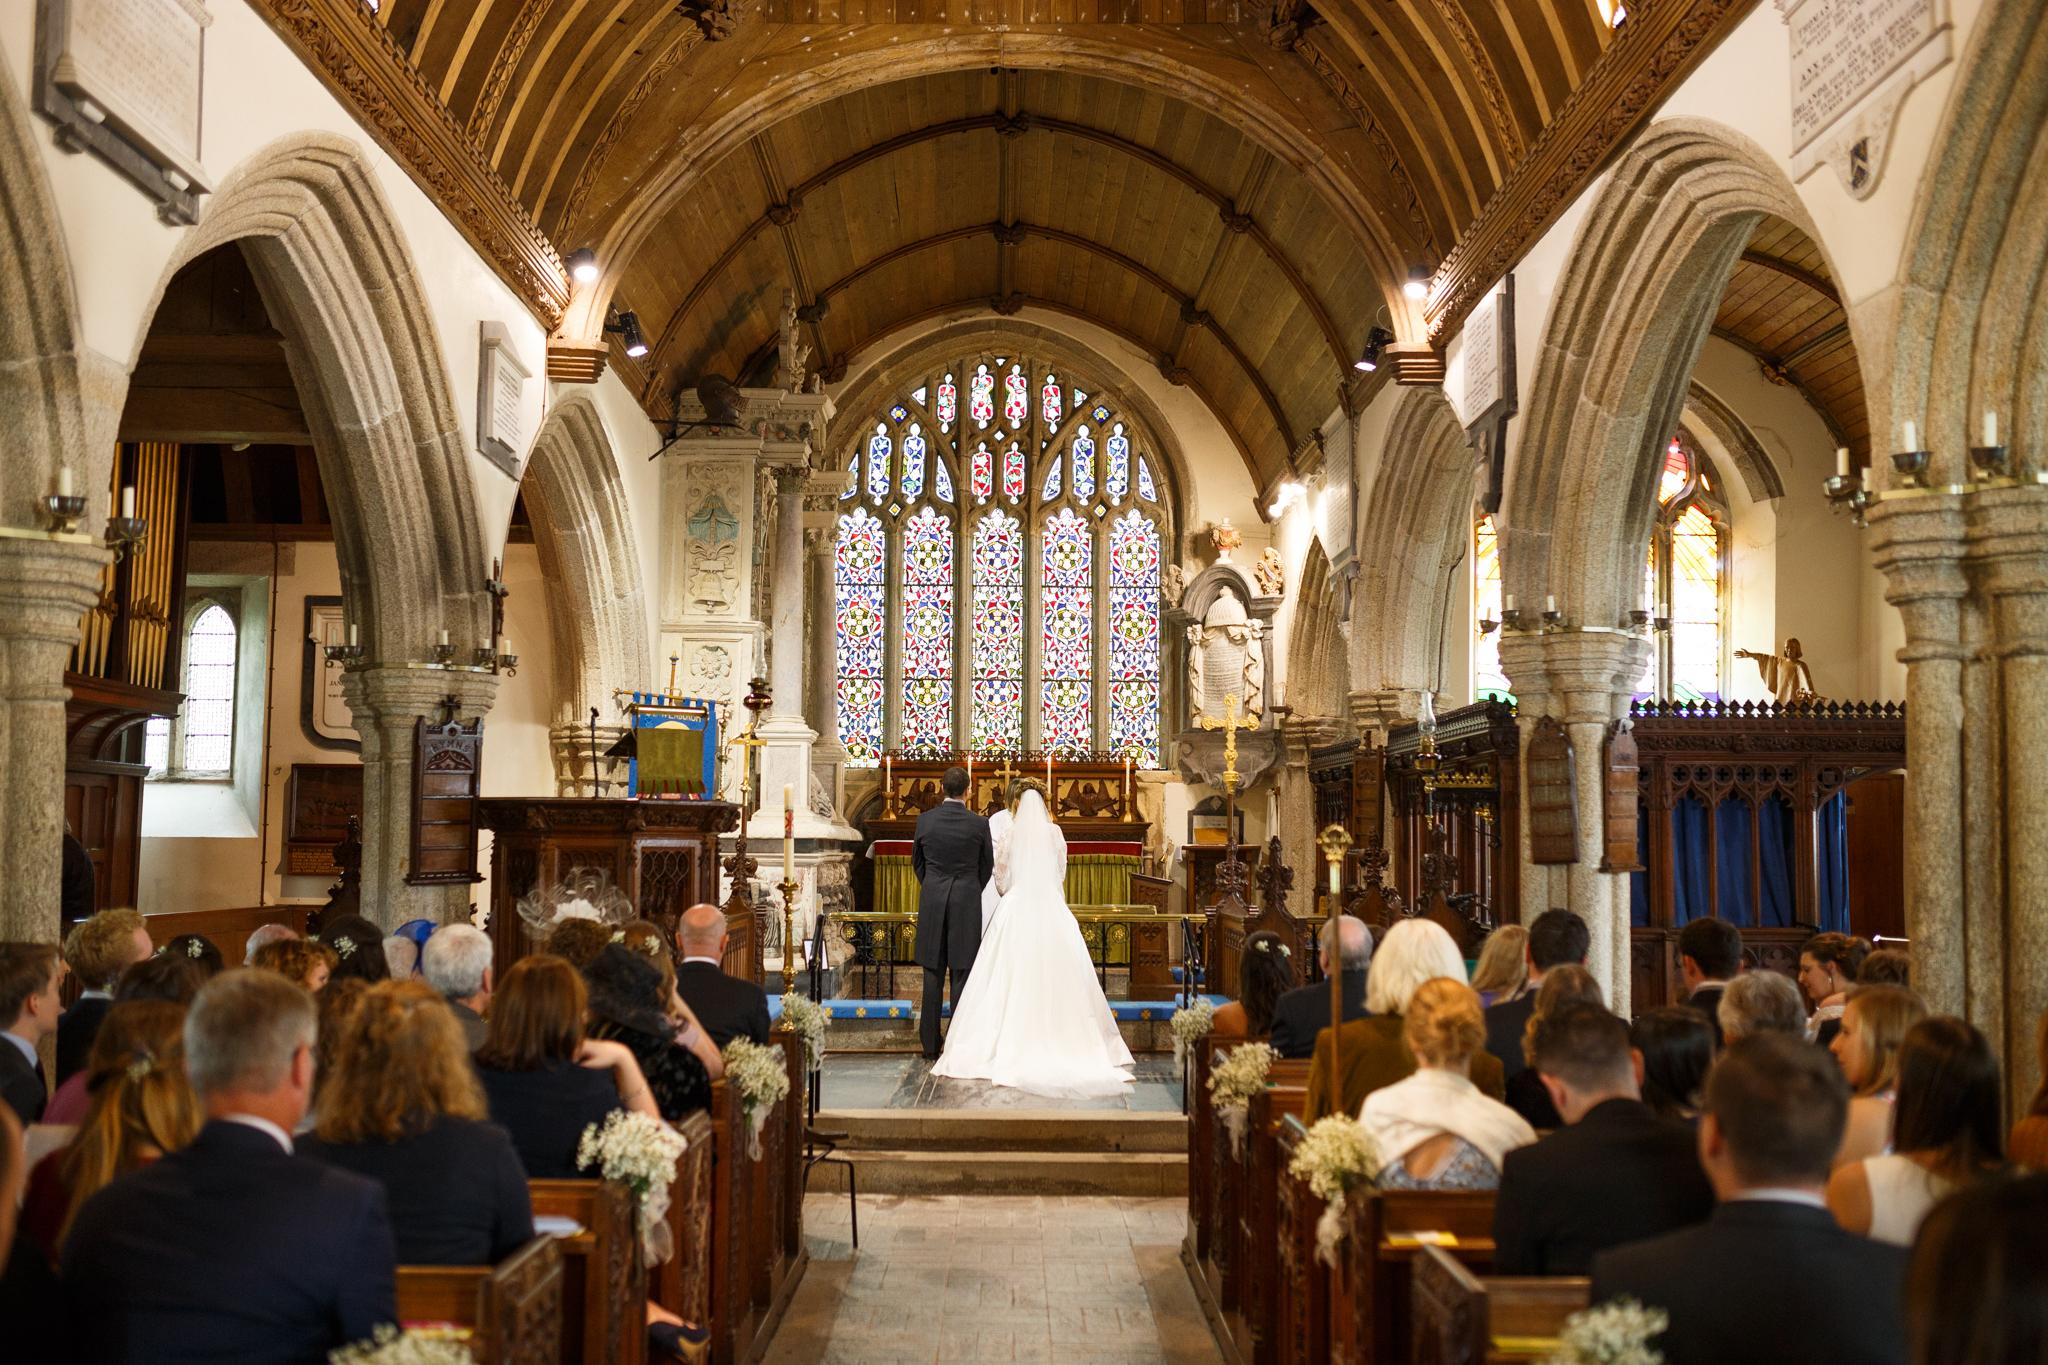 Simon_Rawling_Wedding_Photography-358.jpg